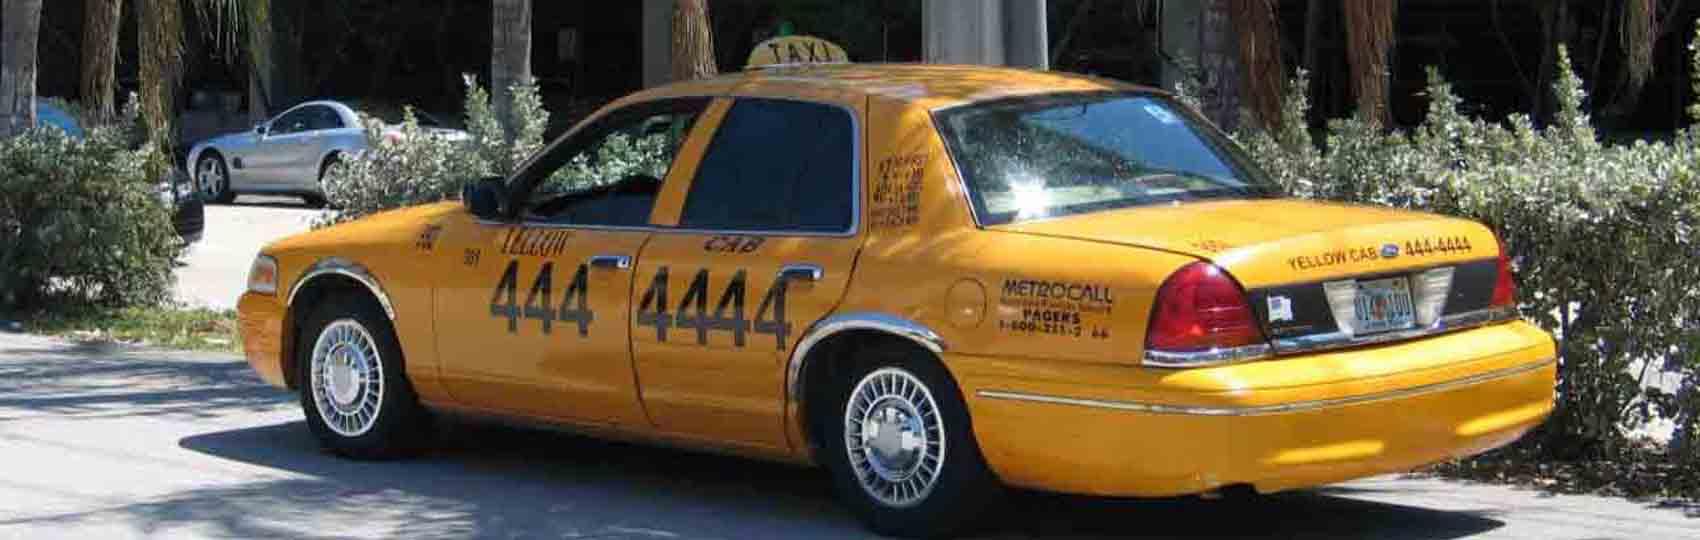 Noticias del sector del taxi y la movilidad en Florida. Mantente informado de todas las noticias del taxi de Florida en el grupo de Facebook de Todo Taxi.